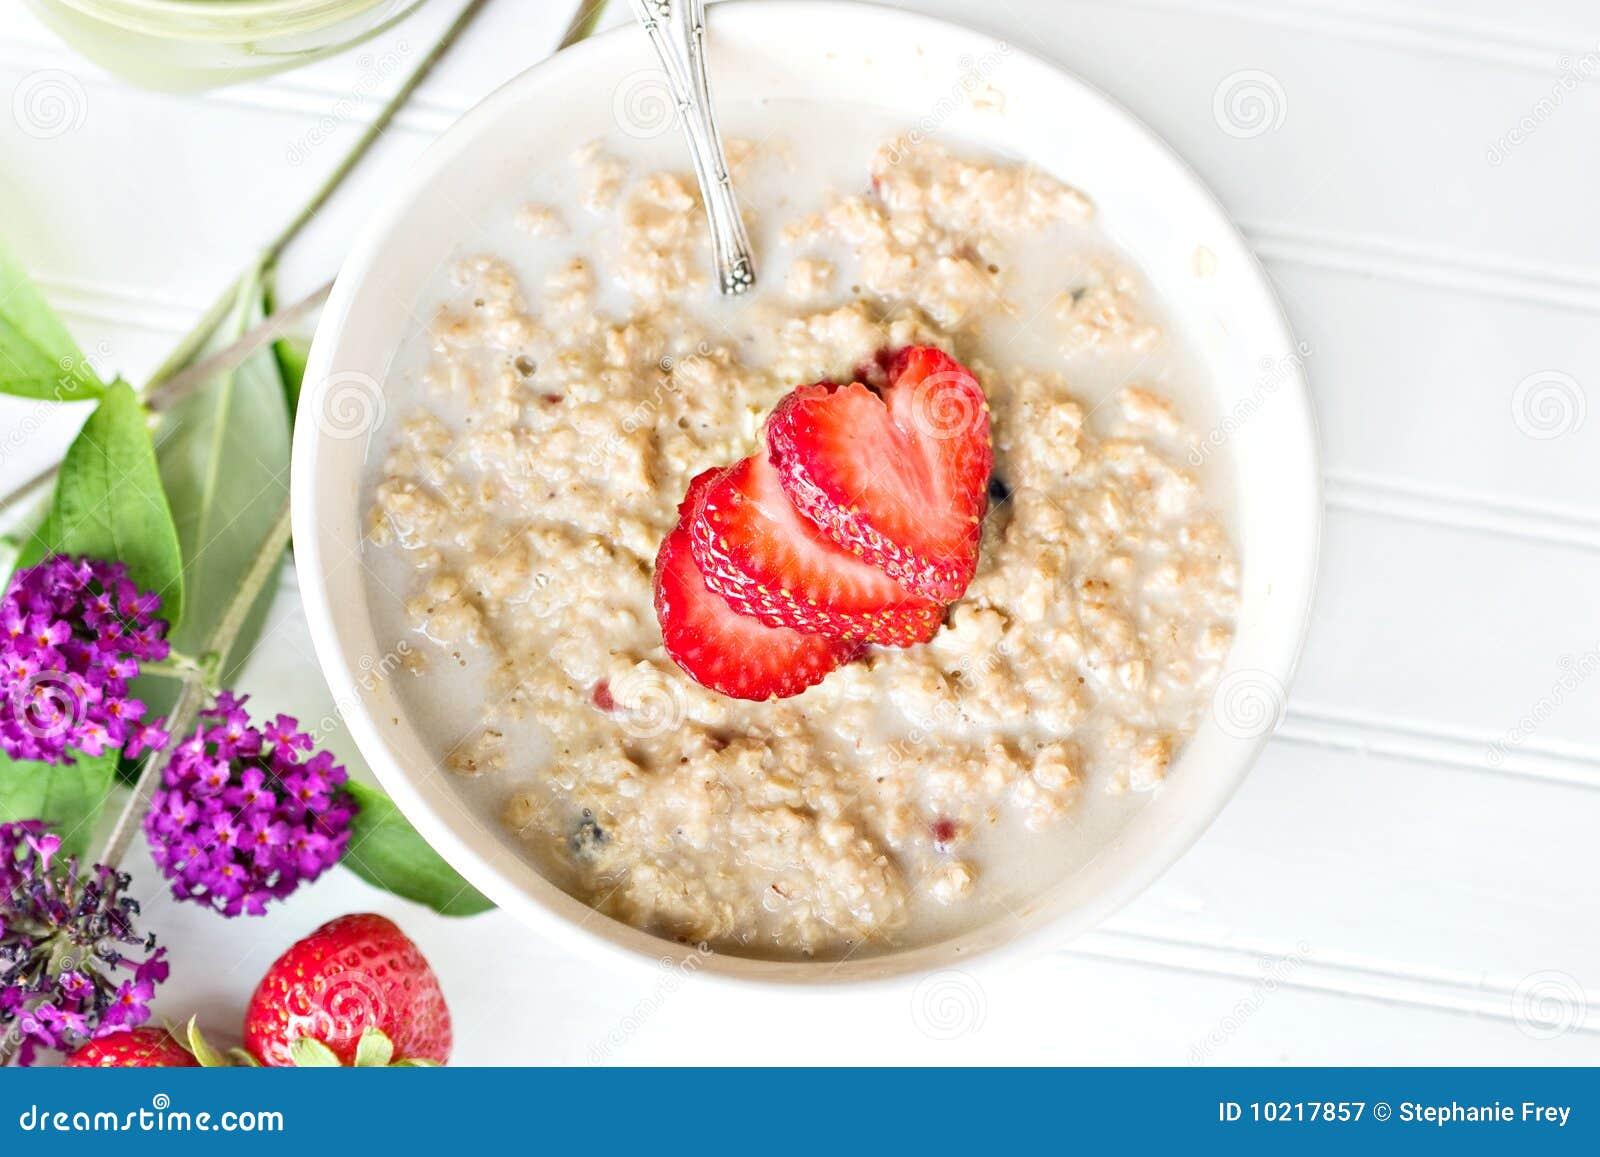 Hot oatmeal breakfast